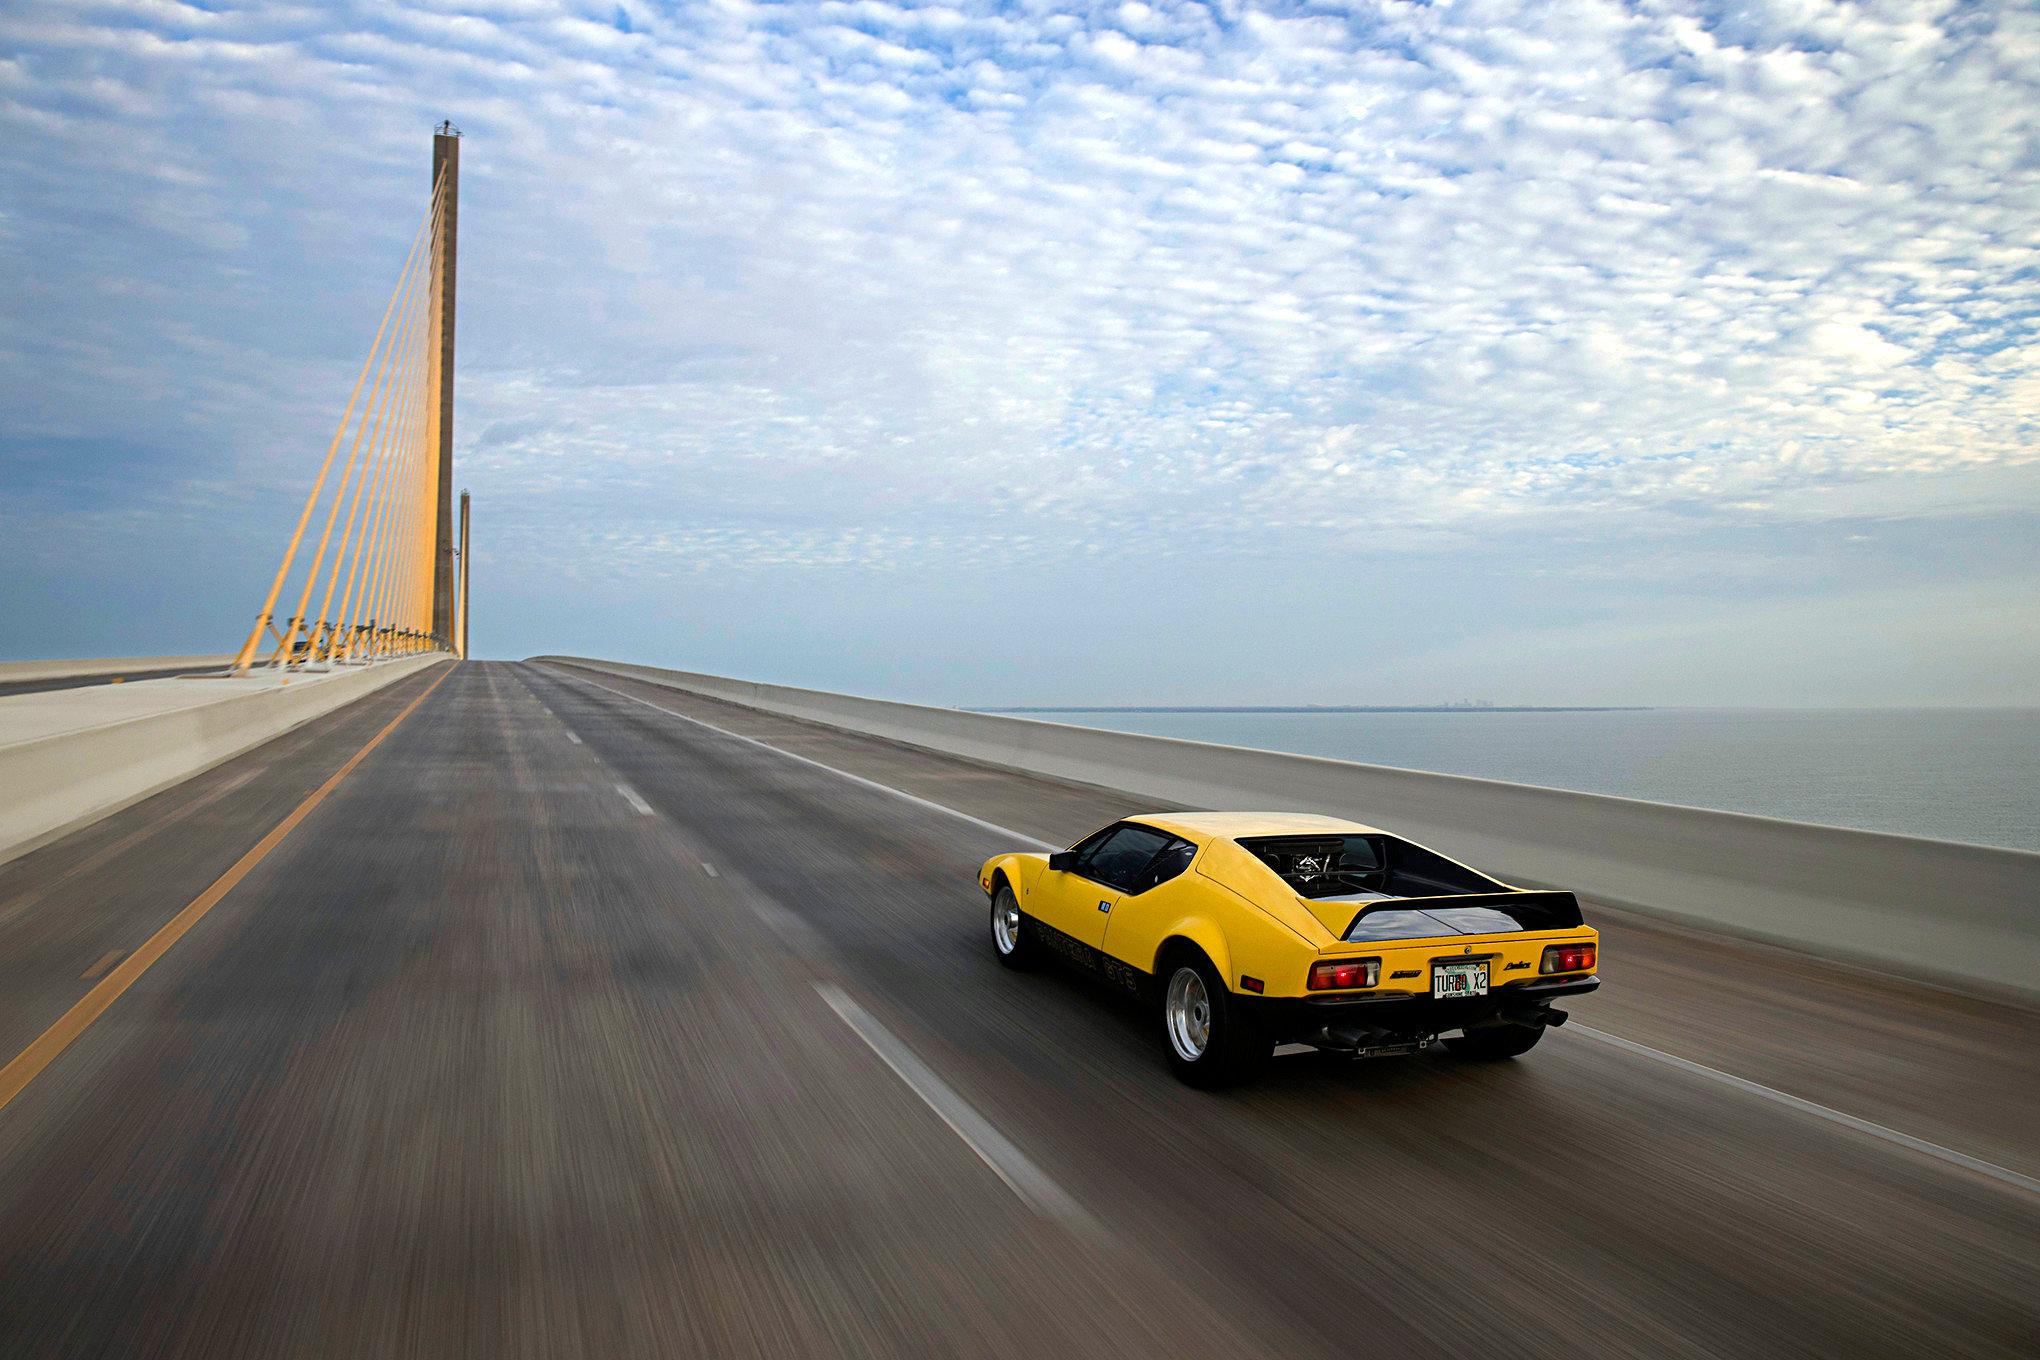 015 1974 Pantera Driving Rear High